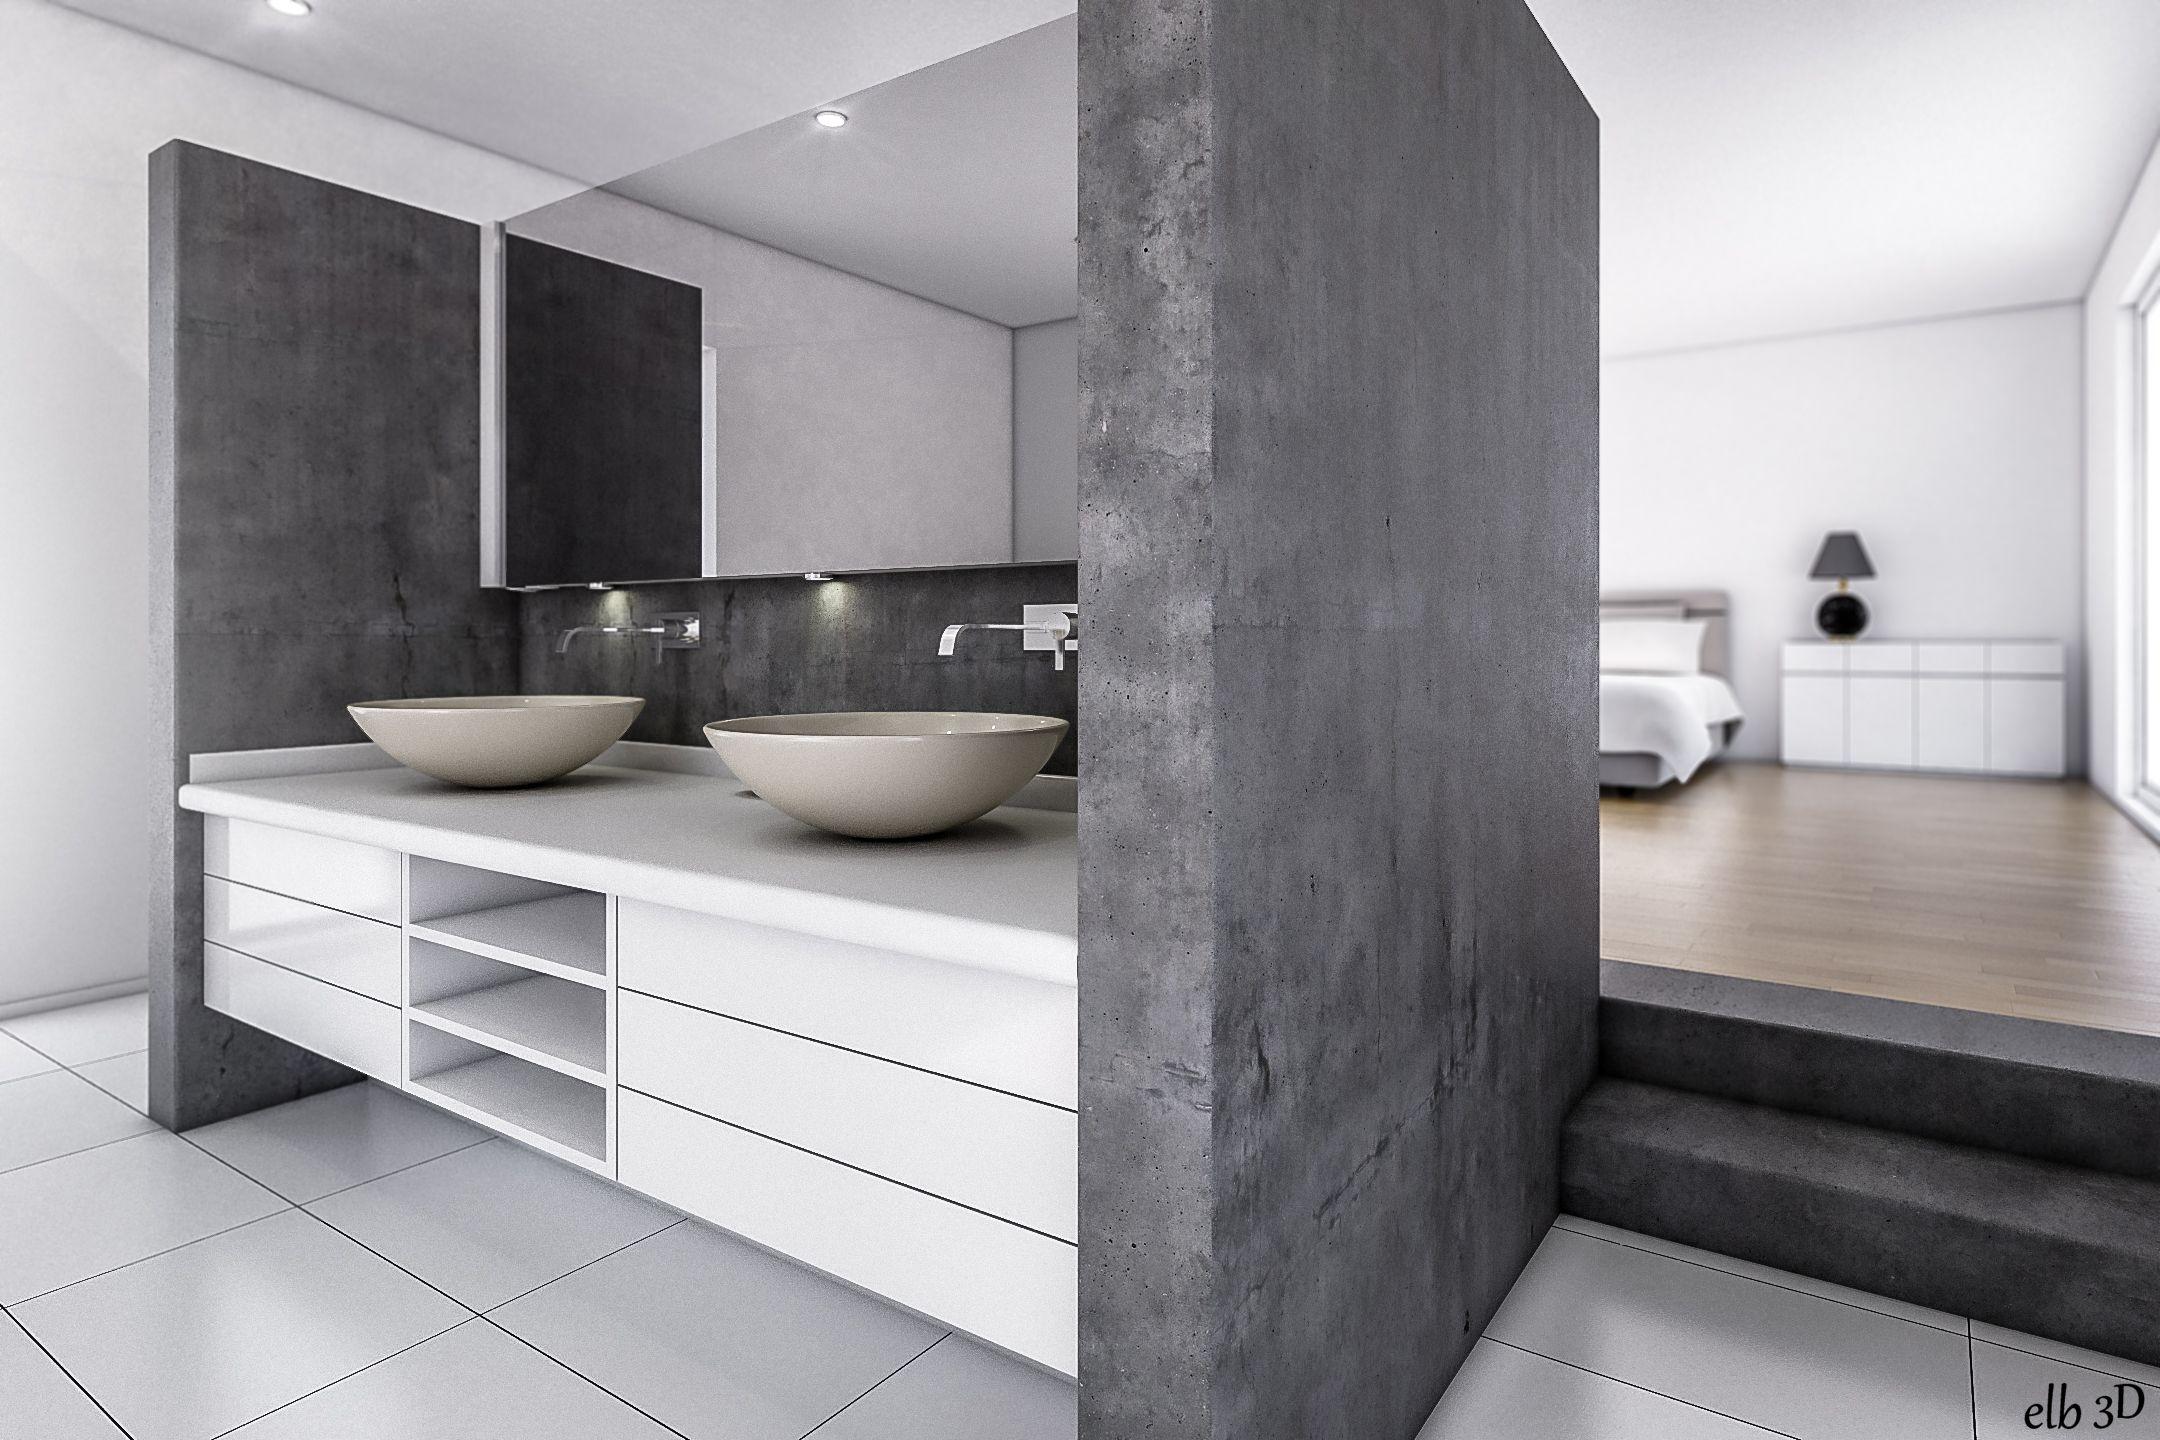 Salle De Bain Ouverte Sur Chambre Design ~ salle de bain ouverte sur chambre design lombards maison